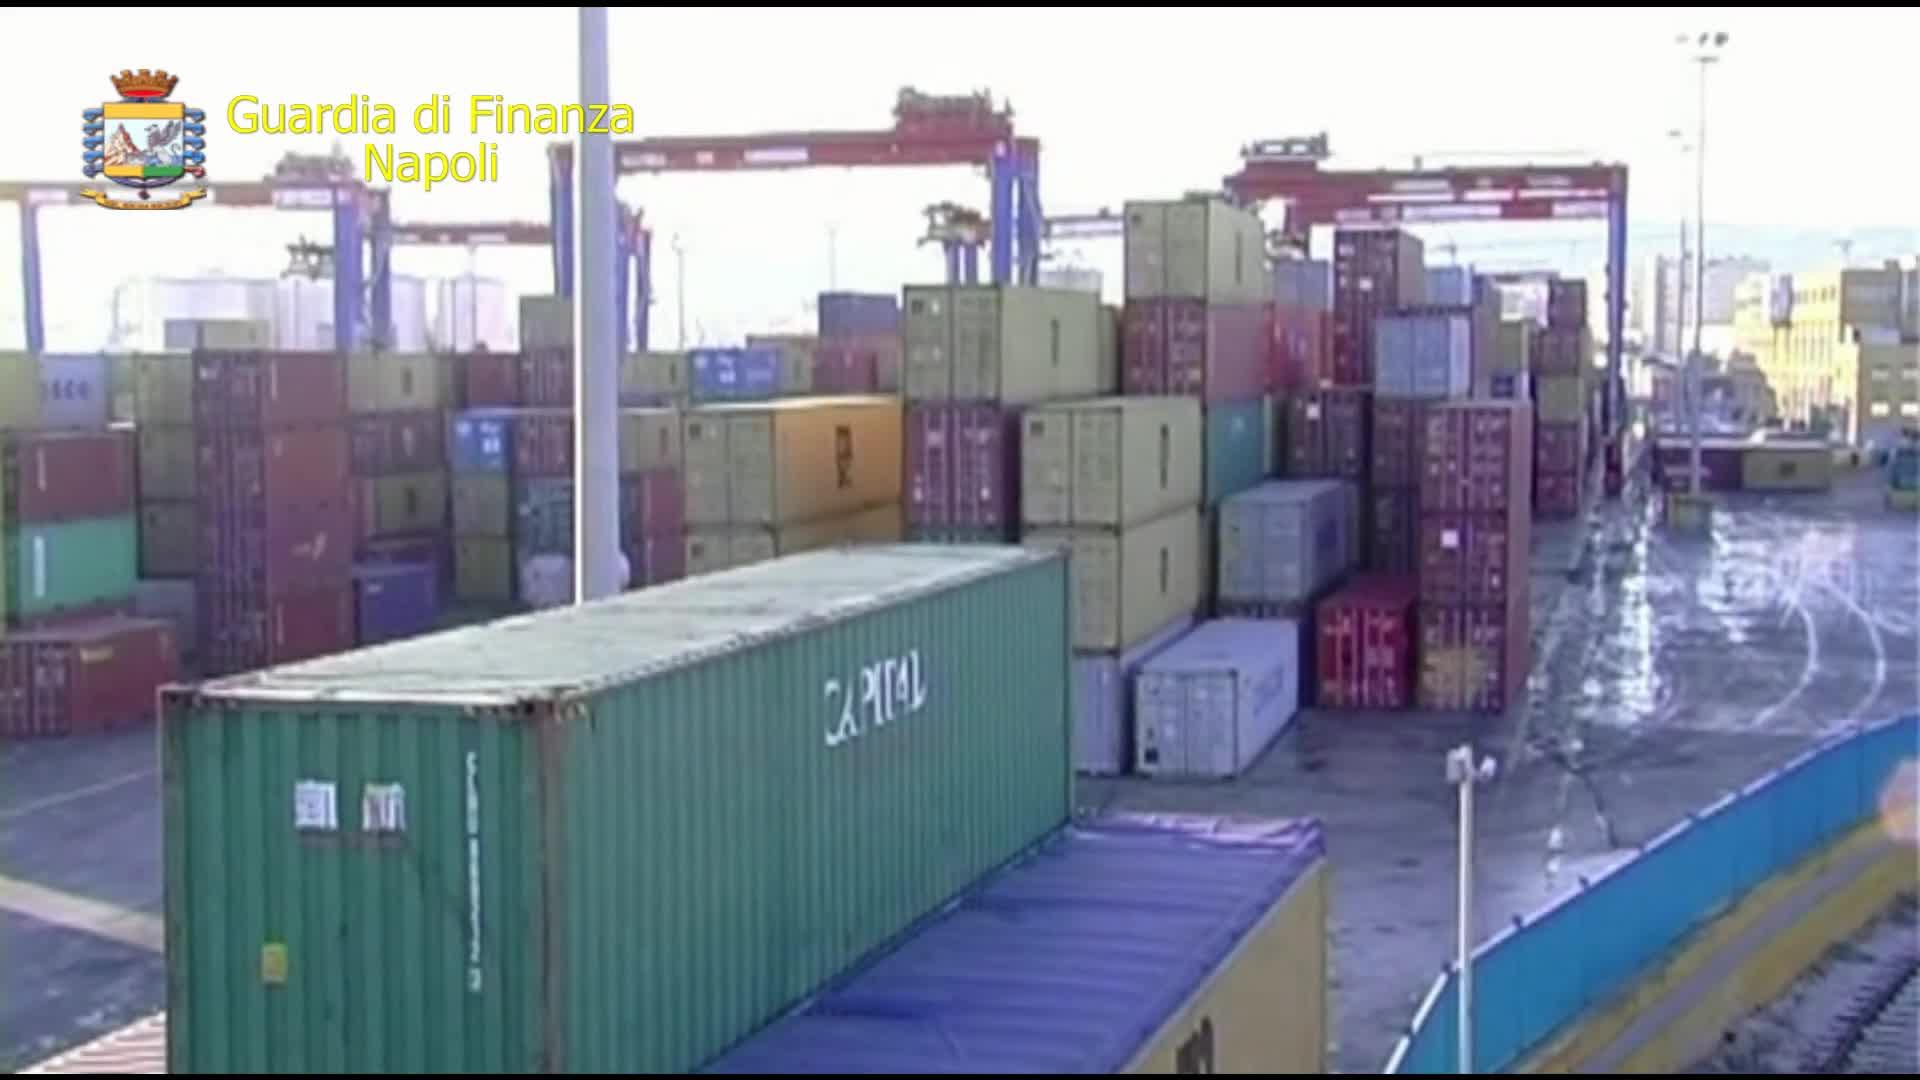 Le immagini dell'intervento al porto della Guardia di finanza